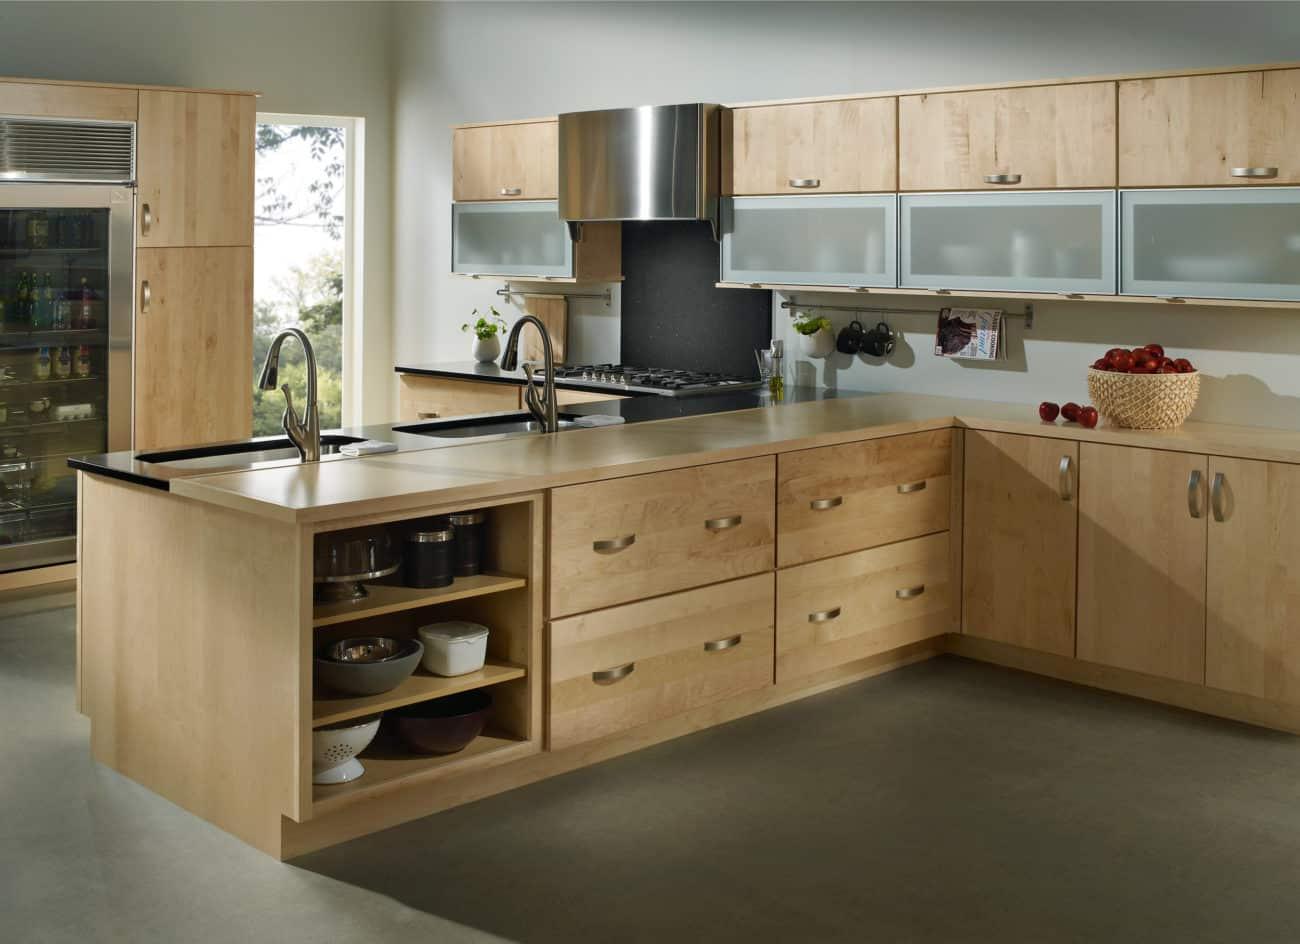 Best Kitchen Gallery: Light Wood Kitchen Cabi S Aesops Gables 505 275 1804 Aesops of Wood For Kitchen Cabinets on rachelxblog.com